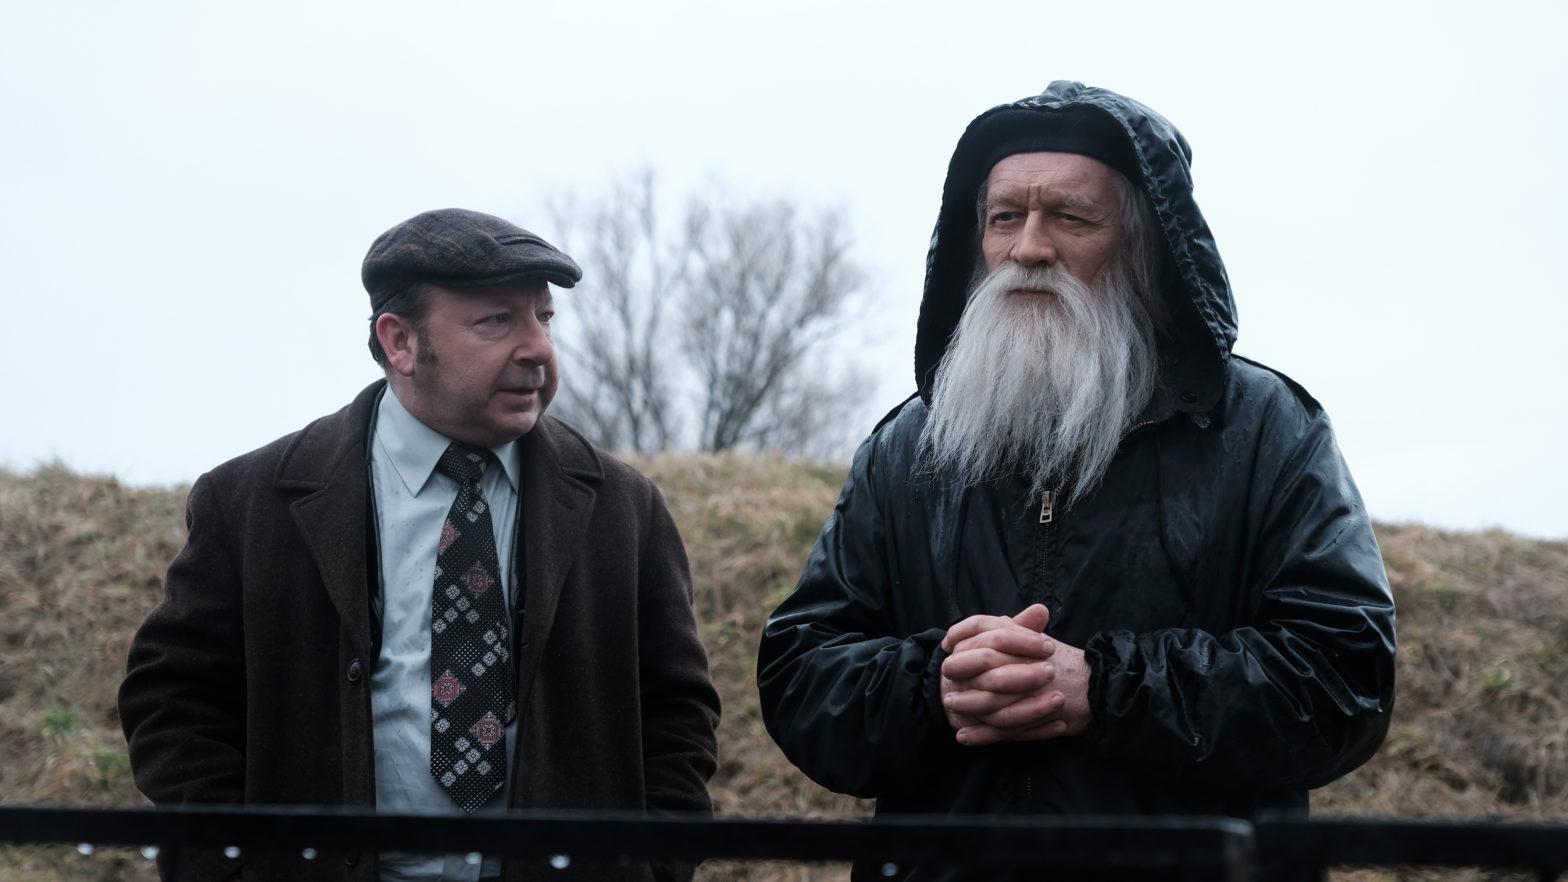 Kadr z filmu, dwóch mężczyzn rozmawia na łonie natury.